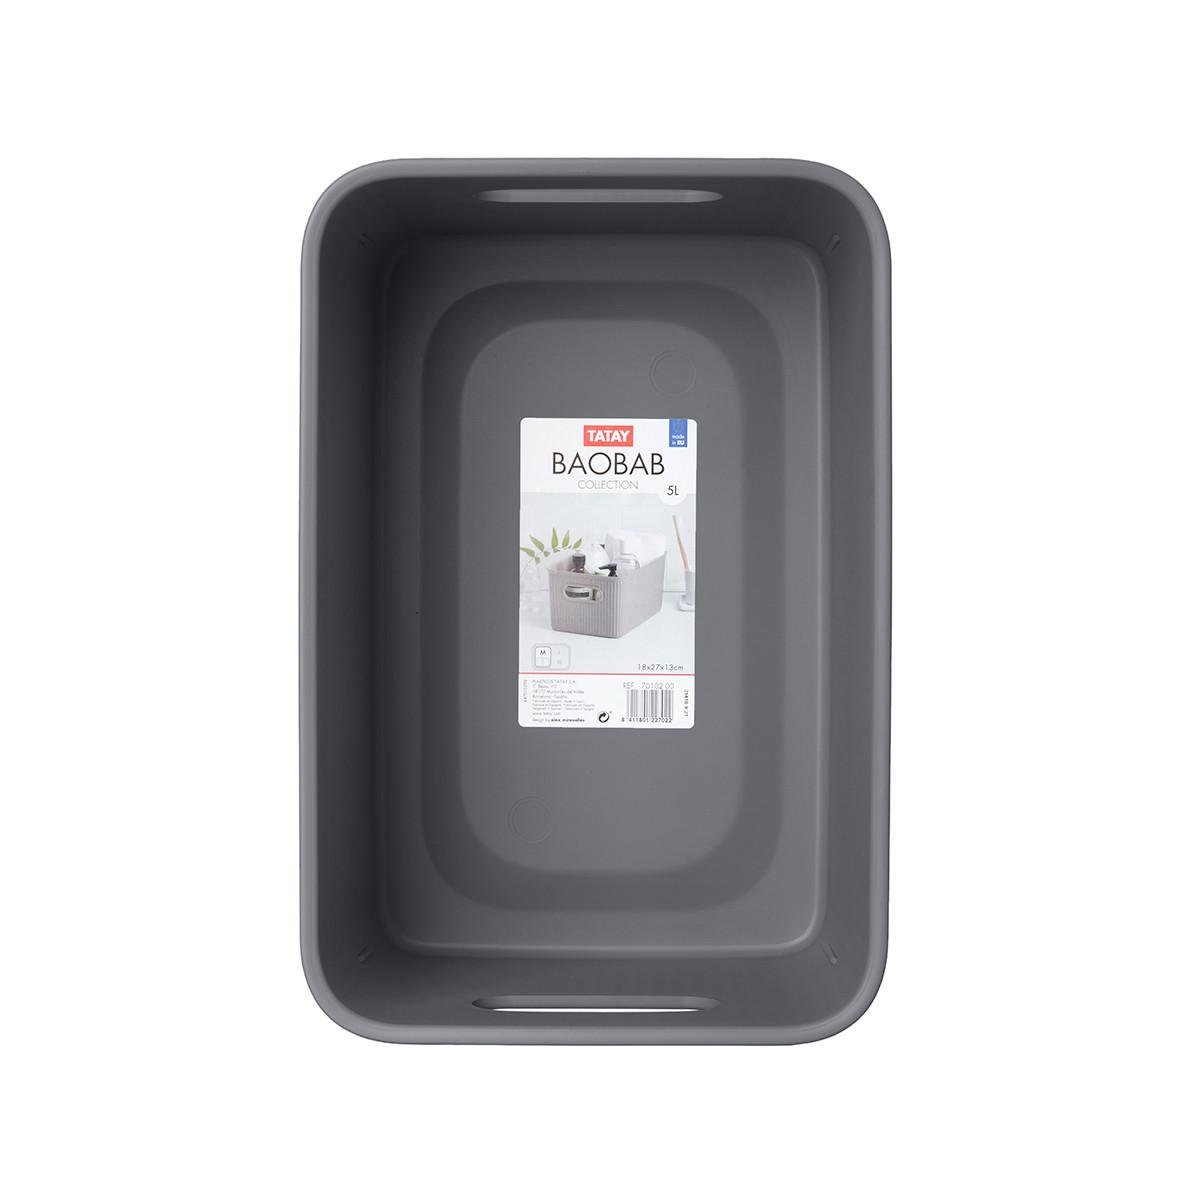 Κουτί Αποθήκευσης Tatay Baobab Small 70101.14 Anthracite